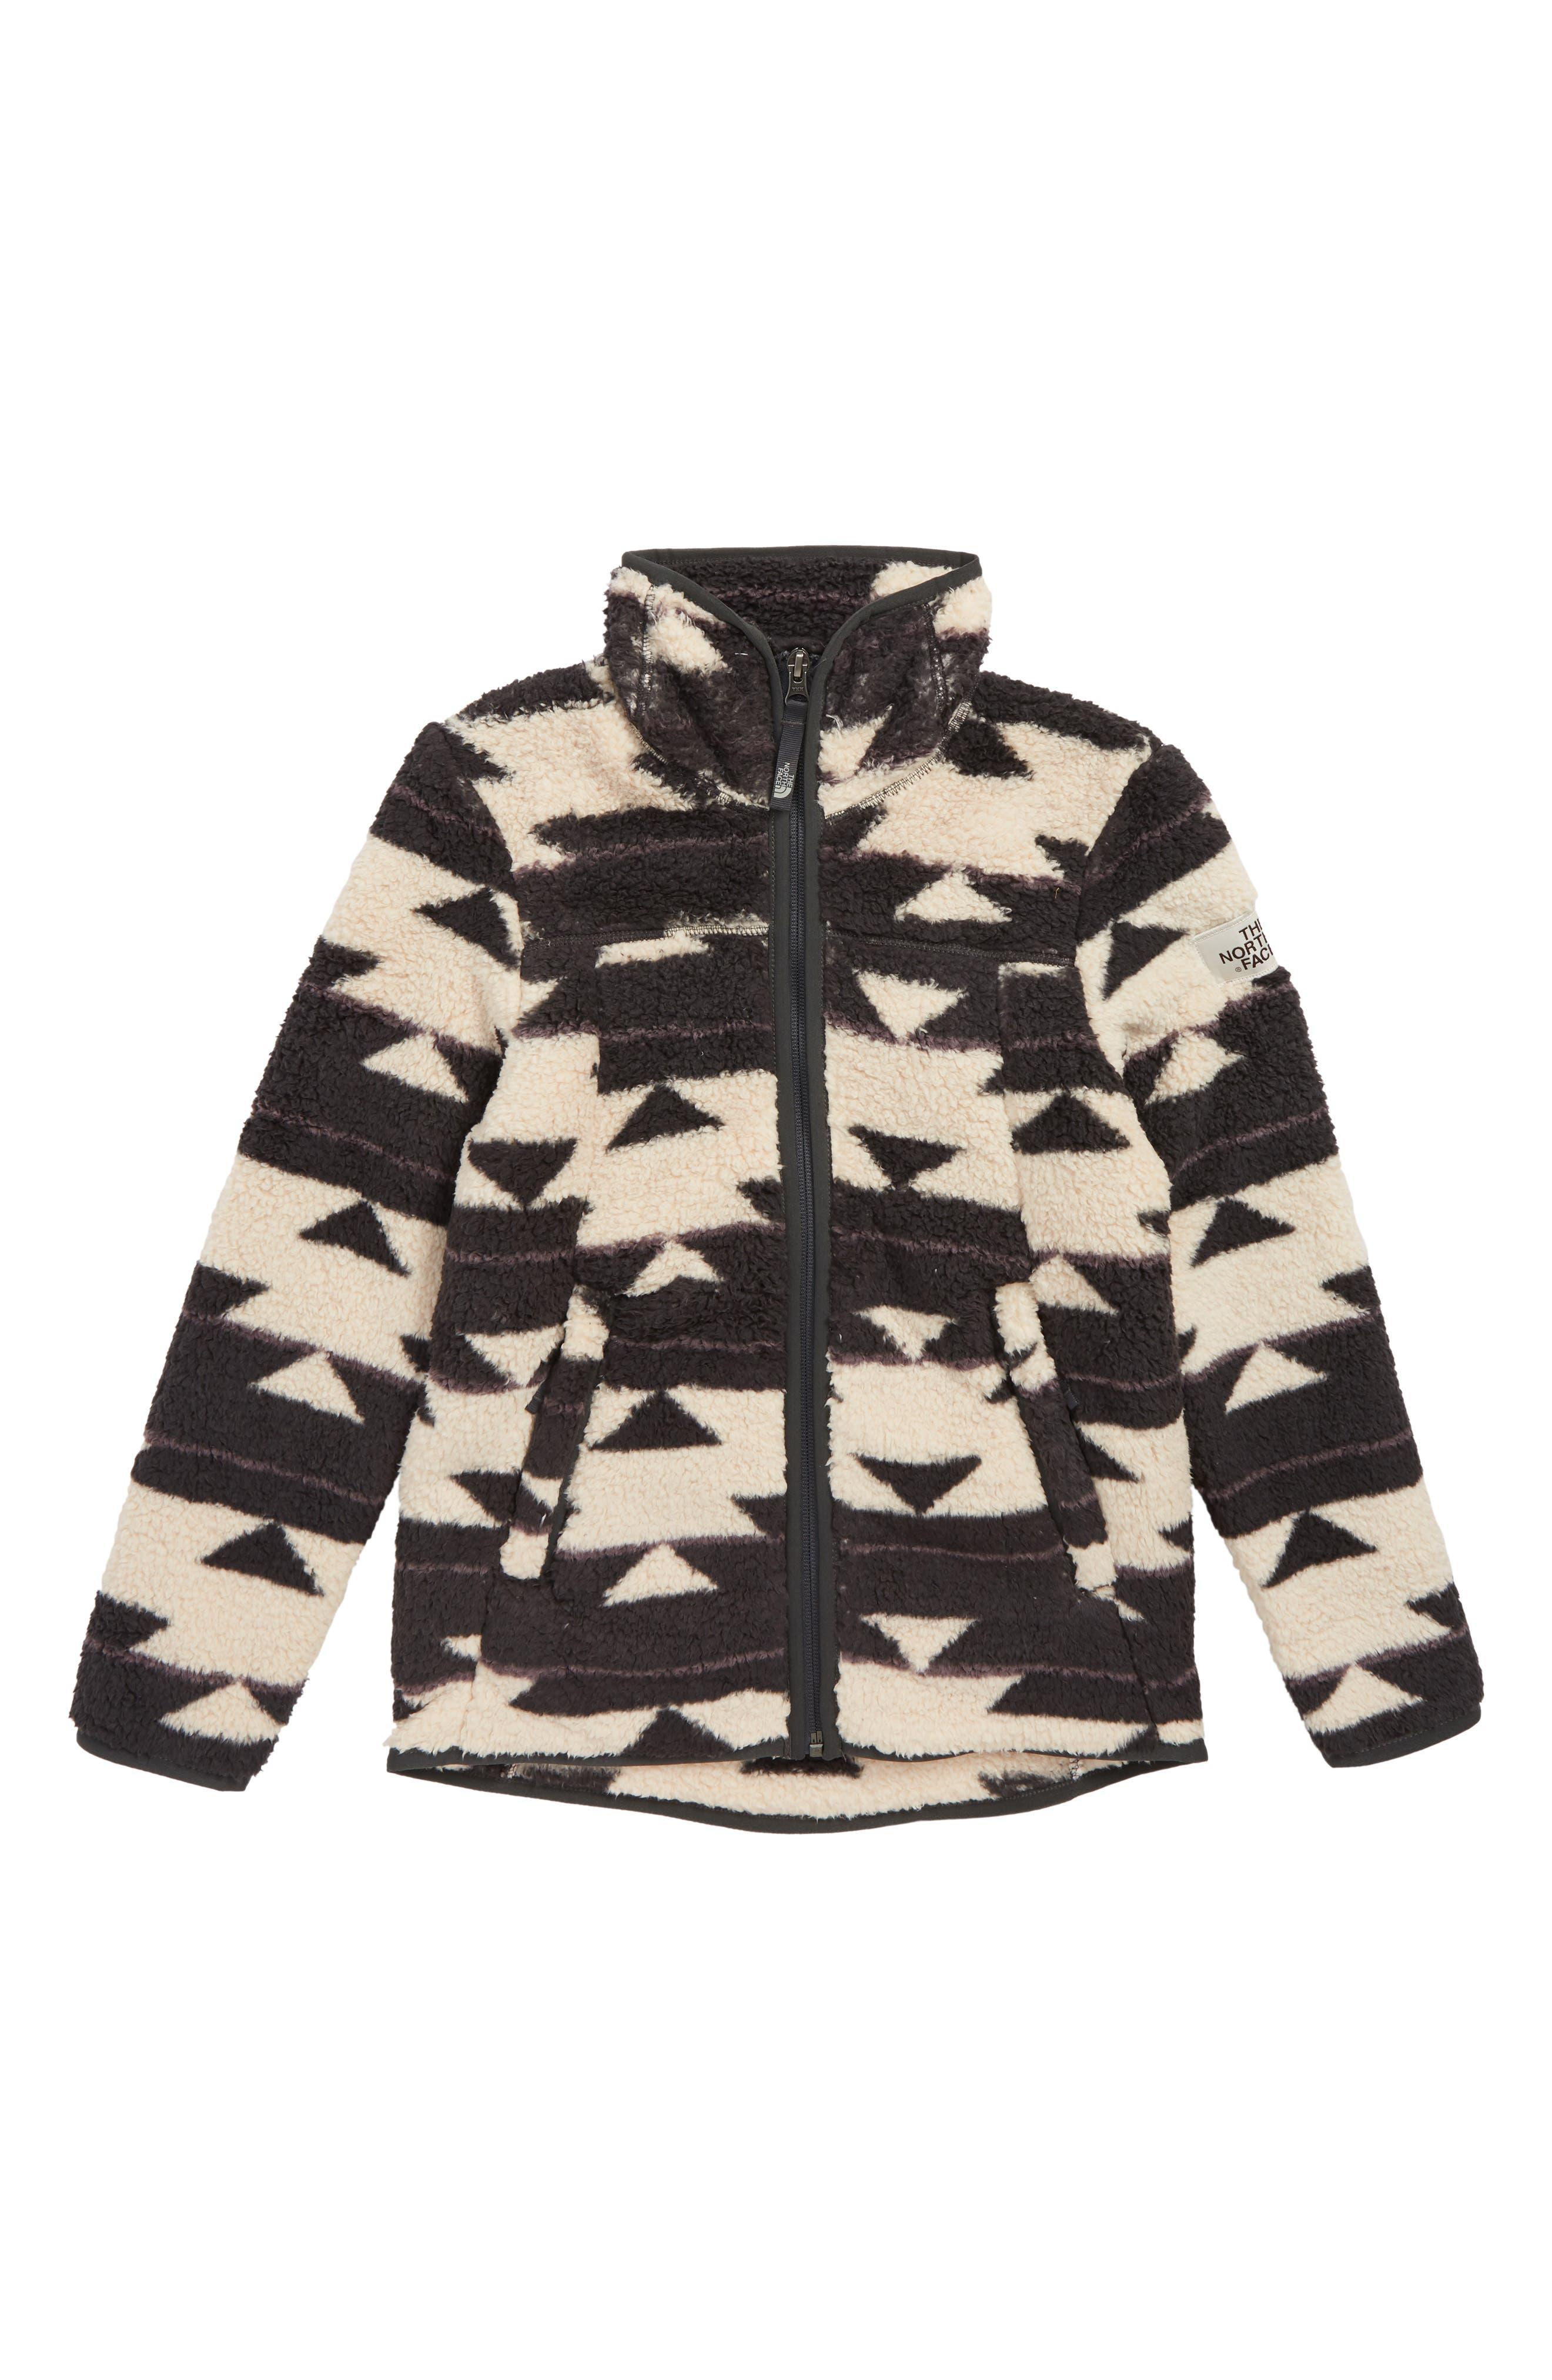 Campshire Fleece Jacket,                         Main,                         color, PEYOTE BEIGE CA BASKET